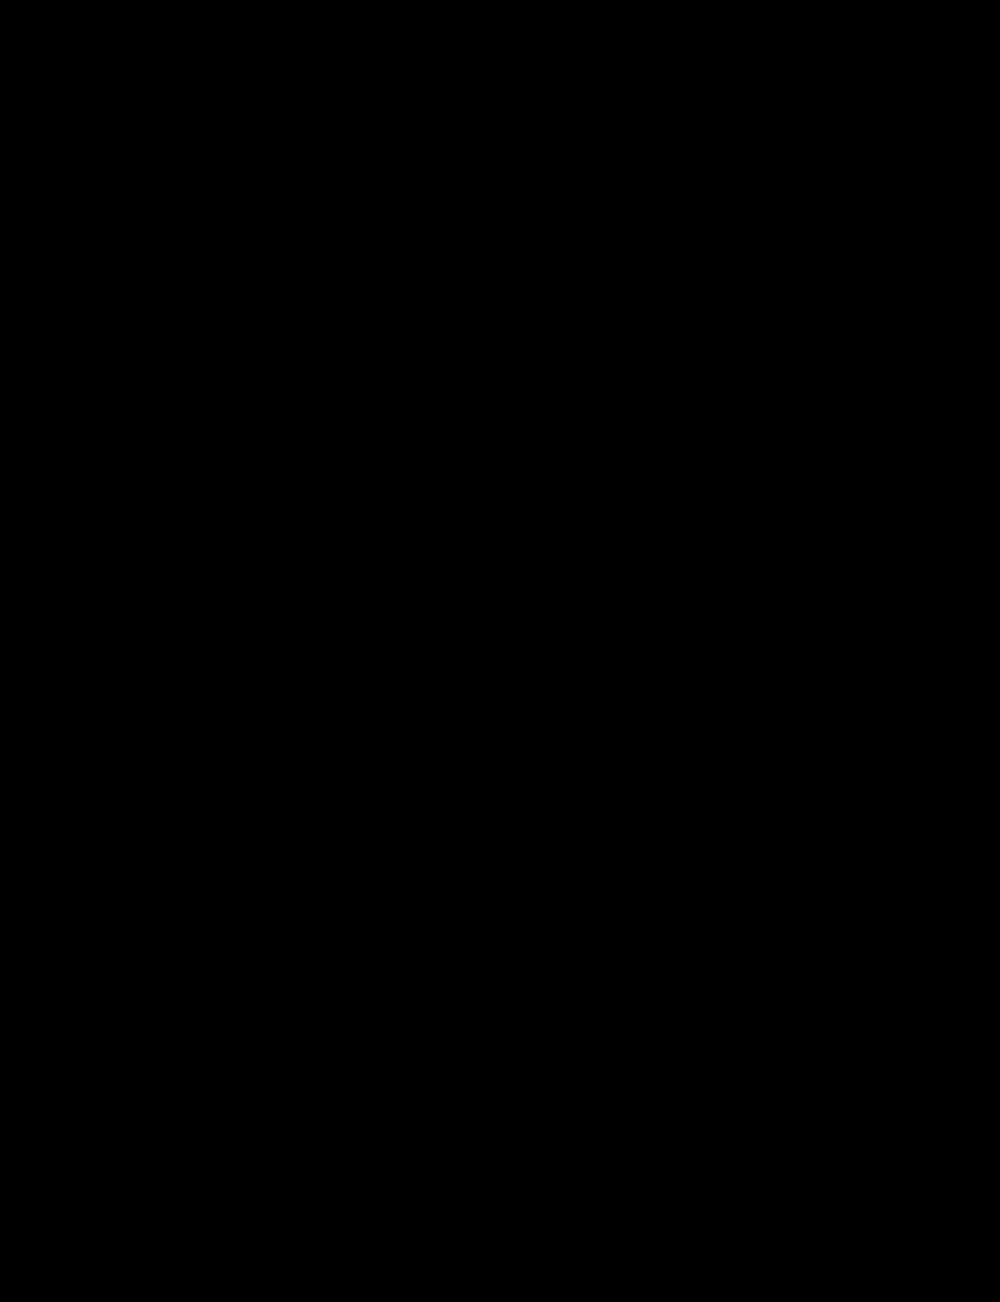 Une coupe carrée arrondie